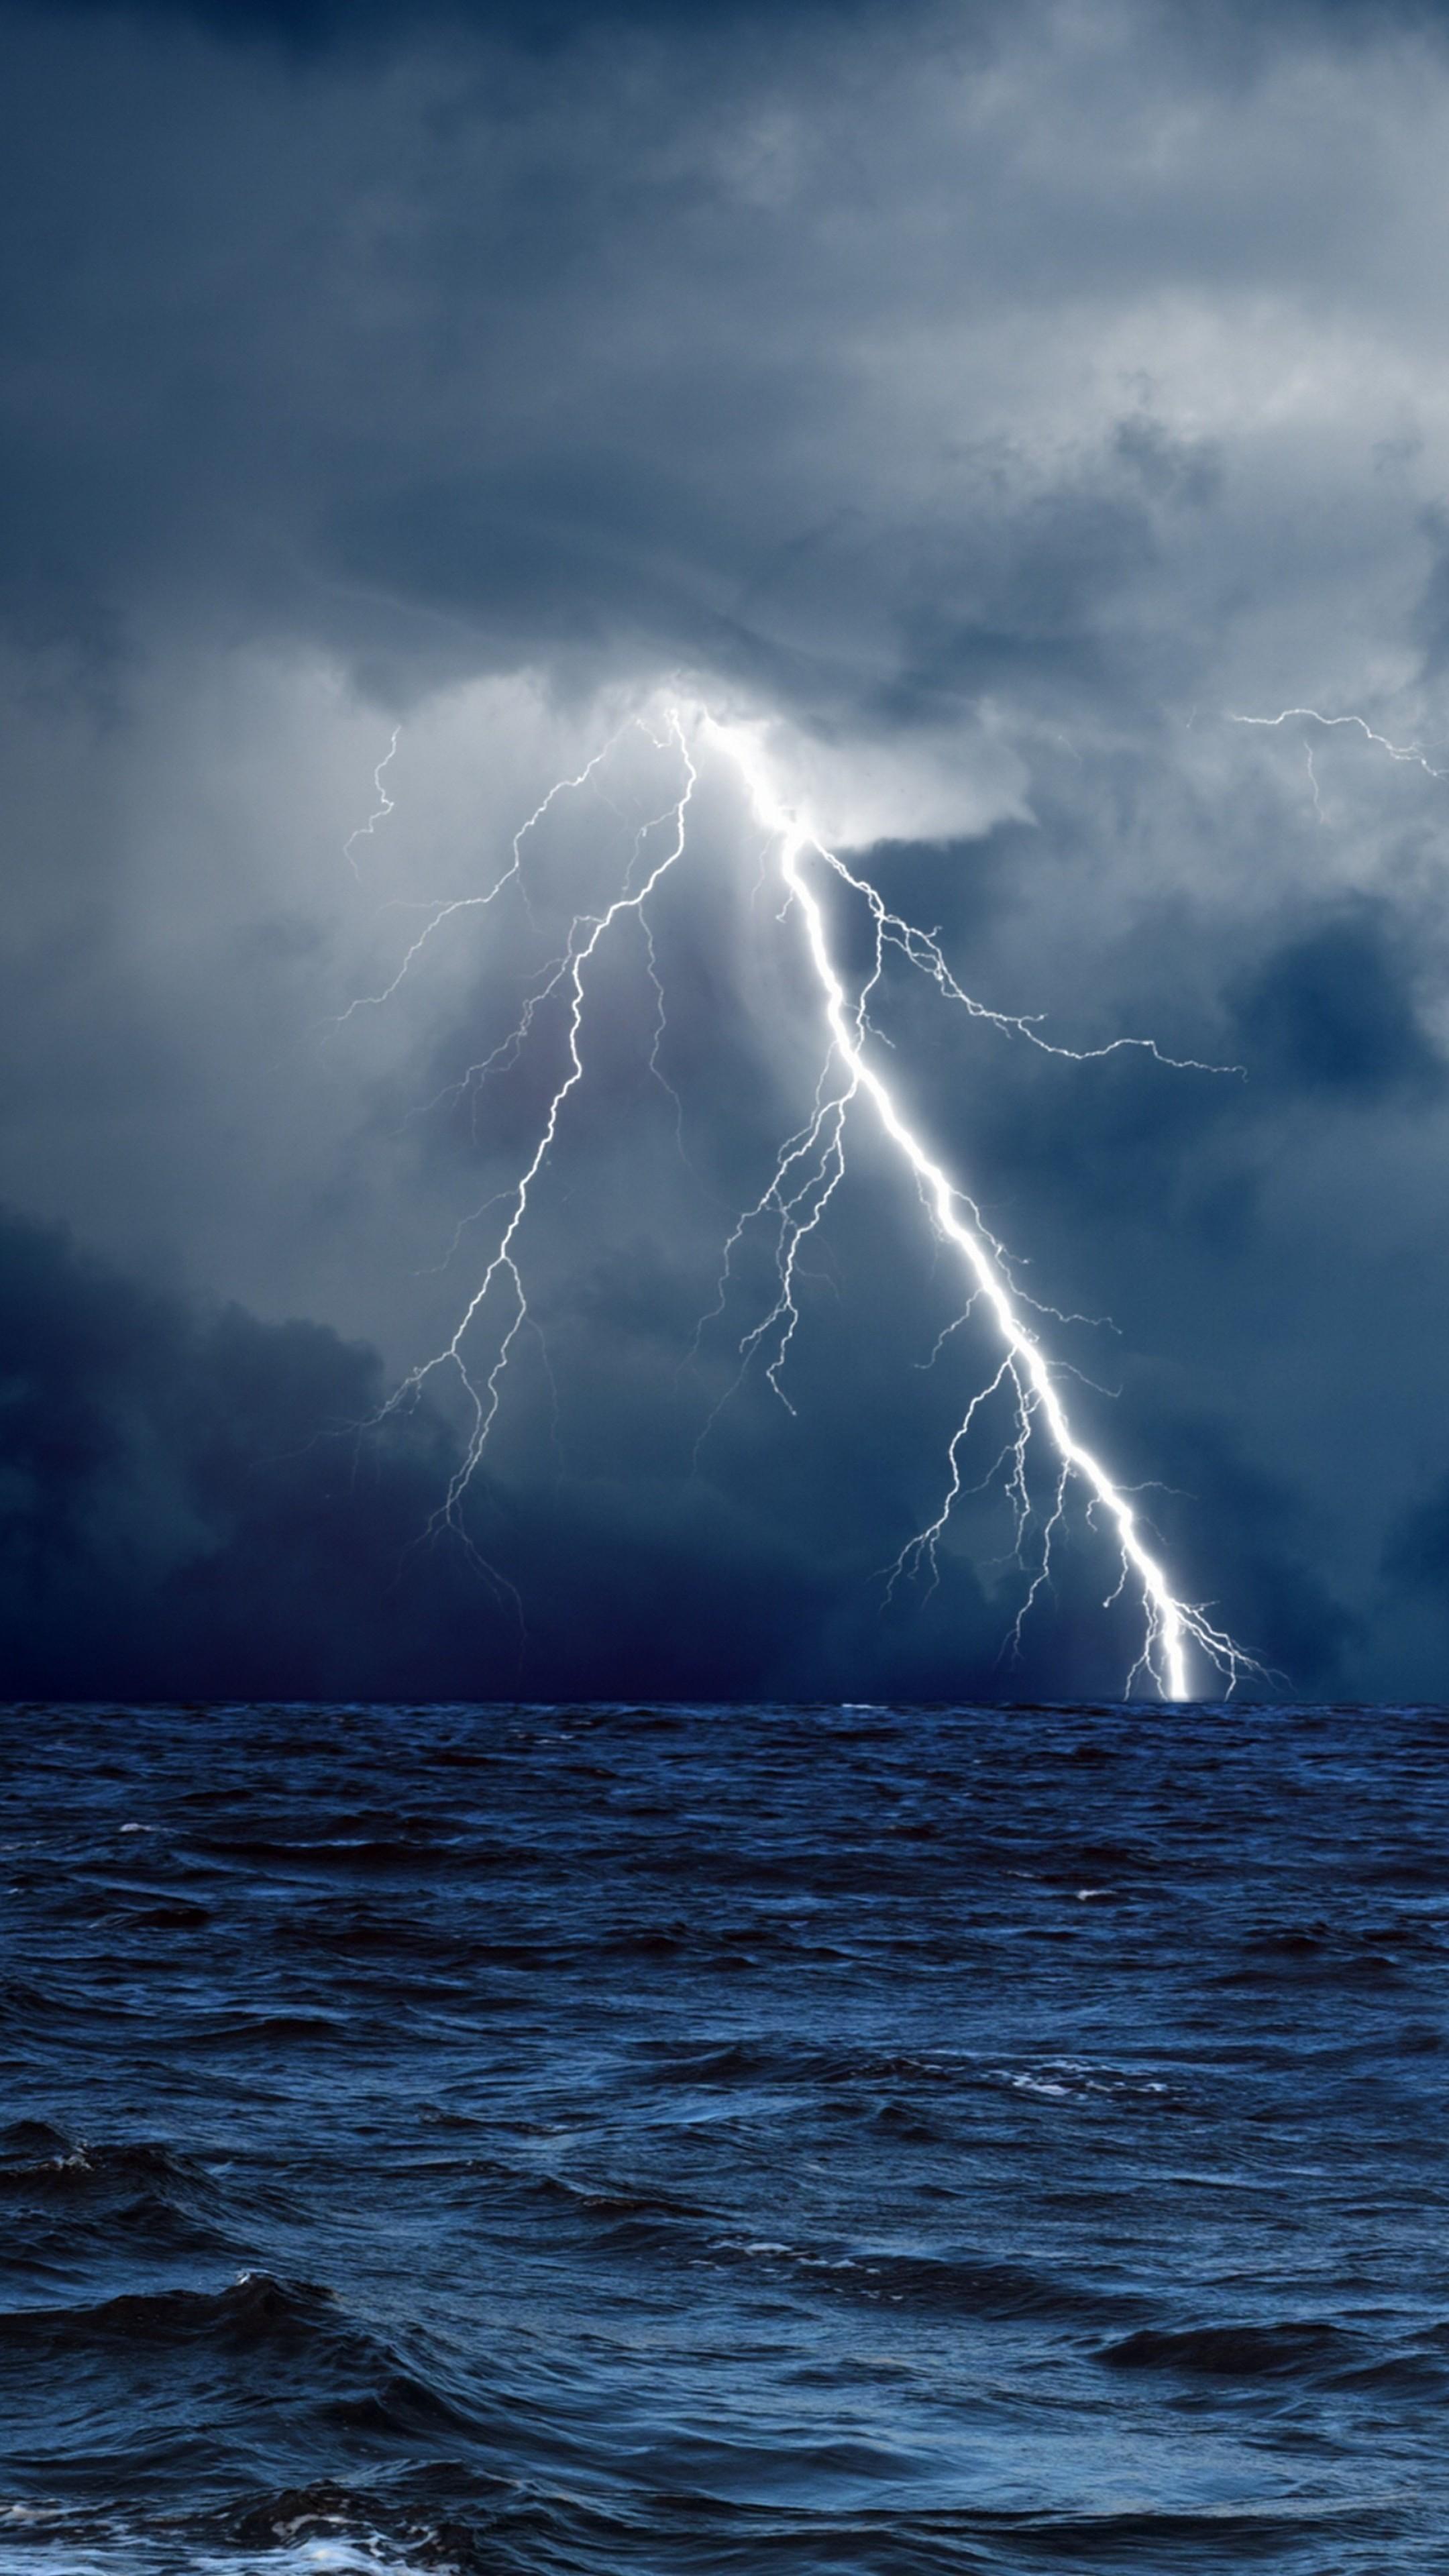 Wallpaper Sea 5k 4k wallpaper 8k ocean storm lightning 2160x3840